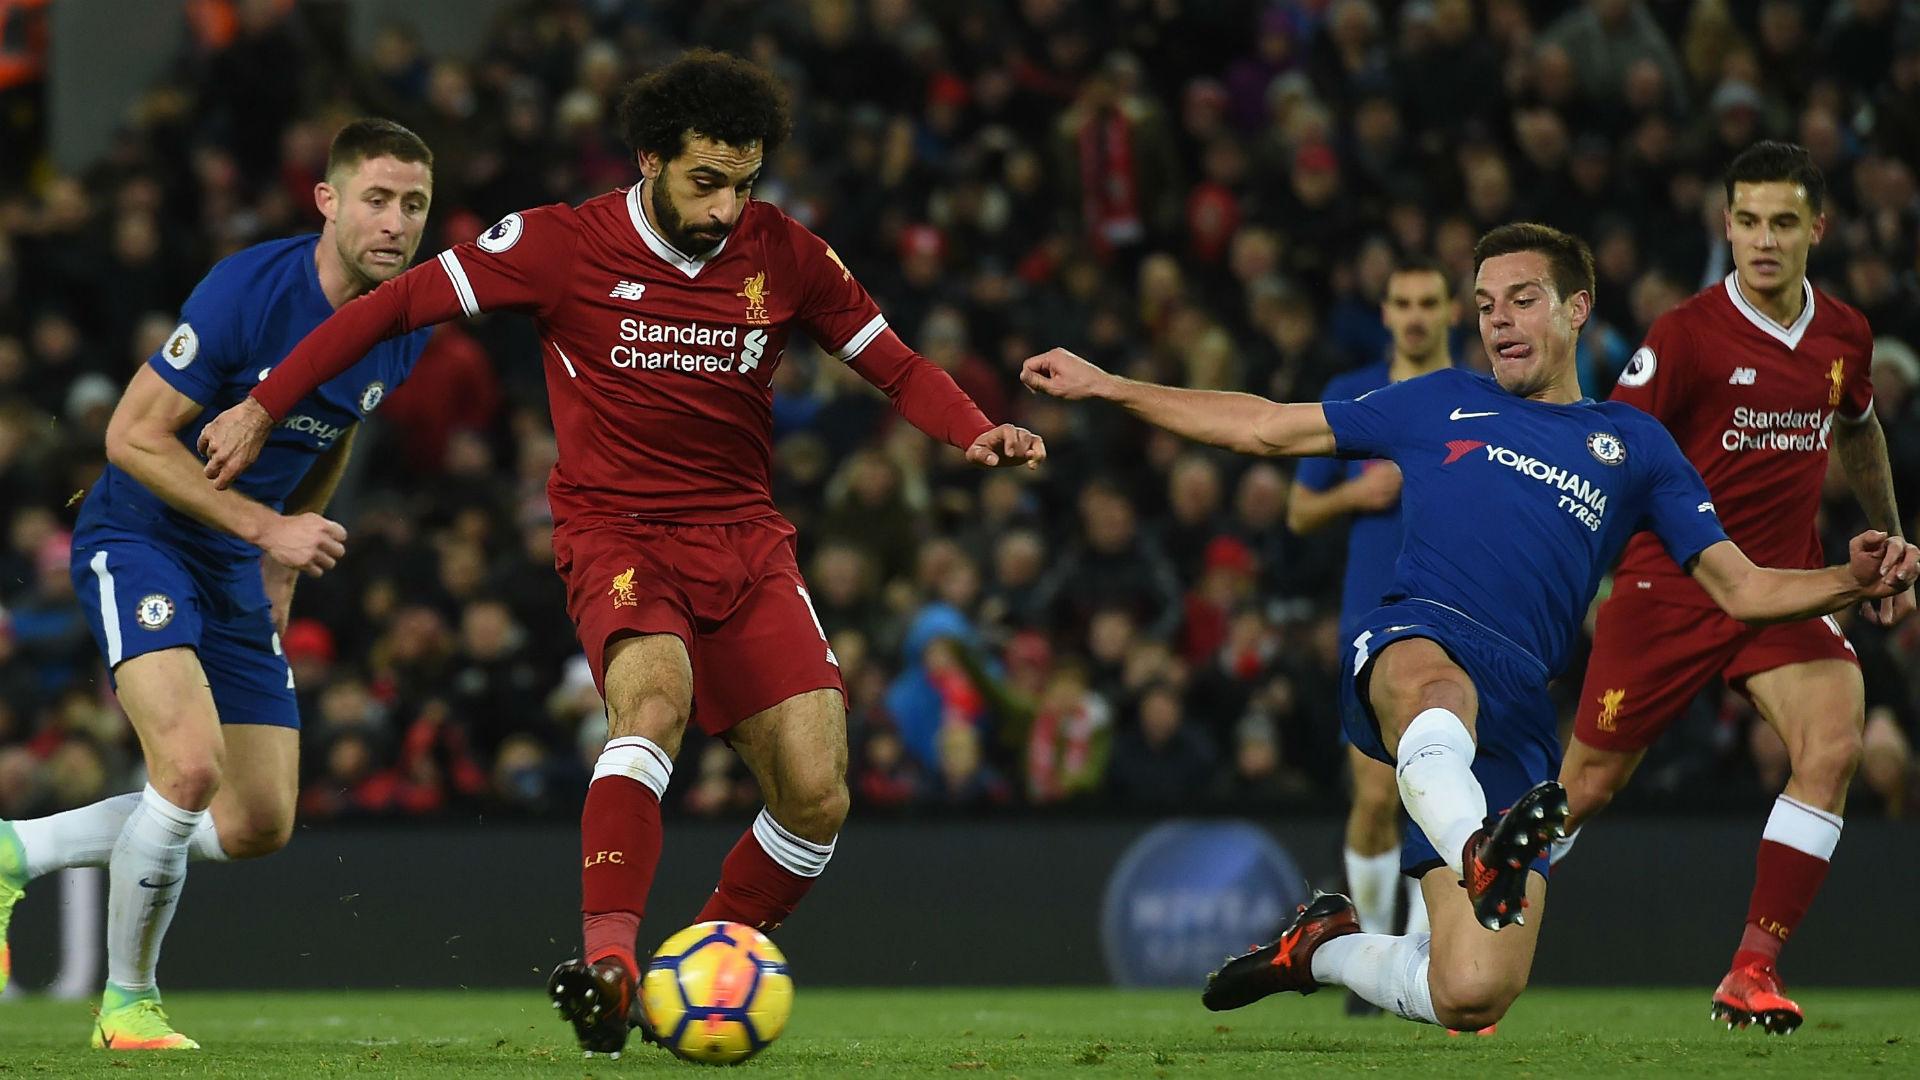 """Đội hình tiêu biểu vòng 13 Ngoại hạng Anh: Thành London phủ bóng, Salah lại """"gánh"""" team"""